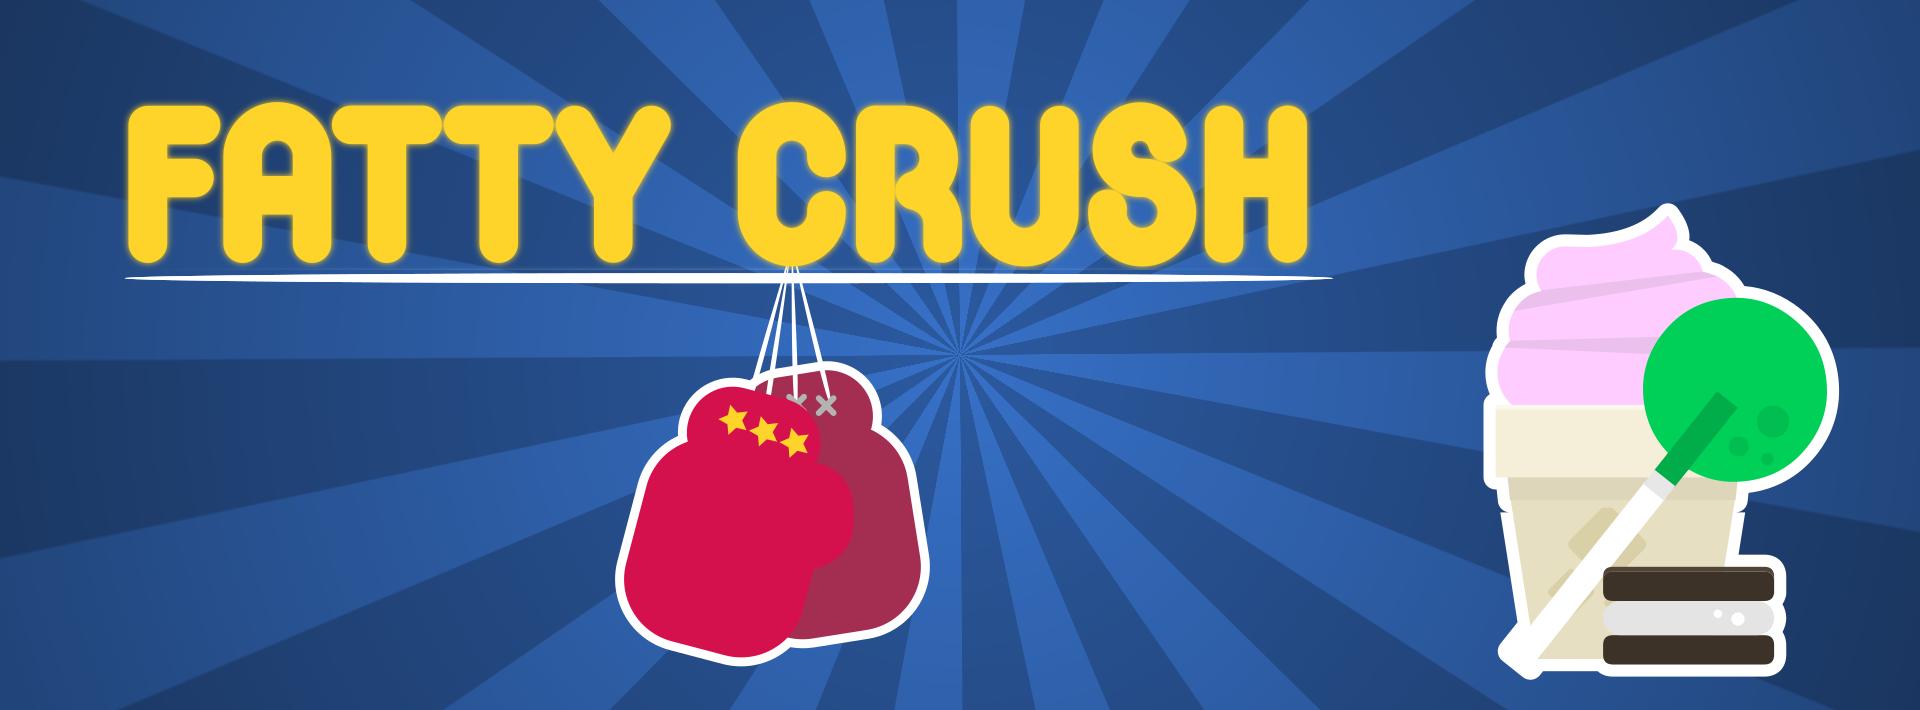 Fatty Crush